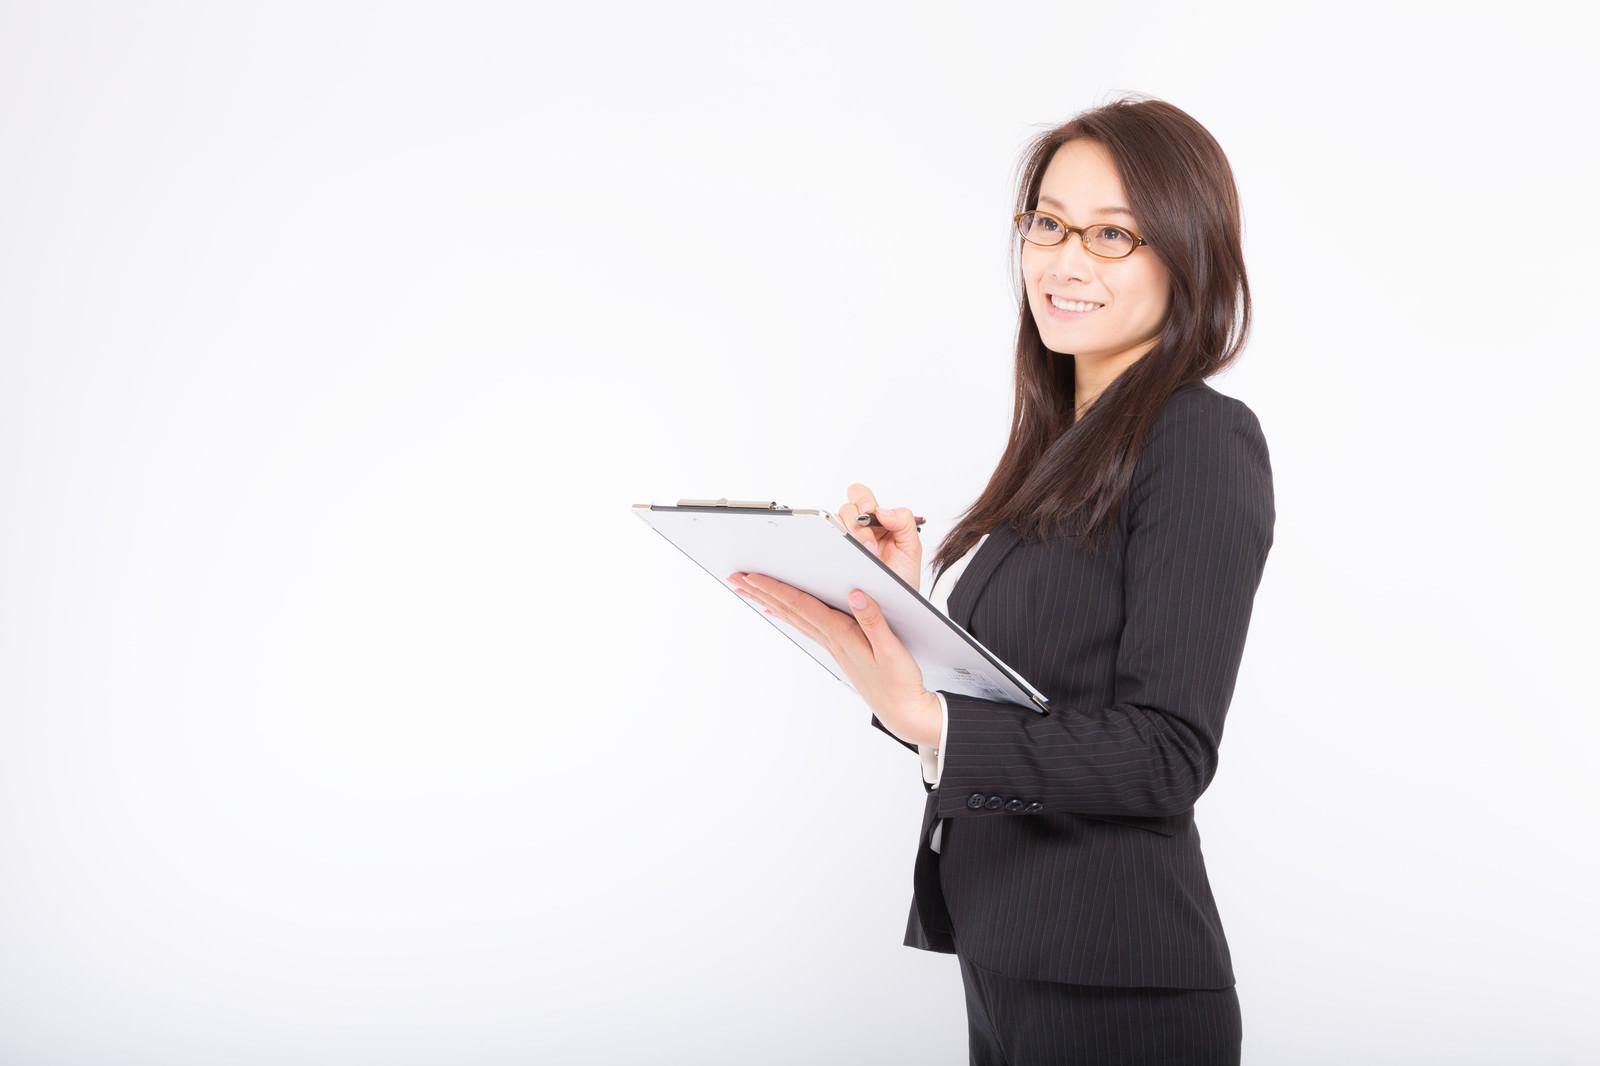 「笑顔で項目にチェックをつける女性」の写真[モデル:土本寛子]